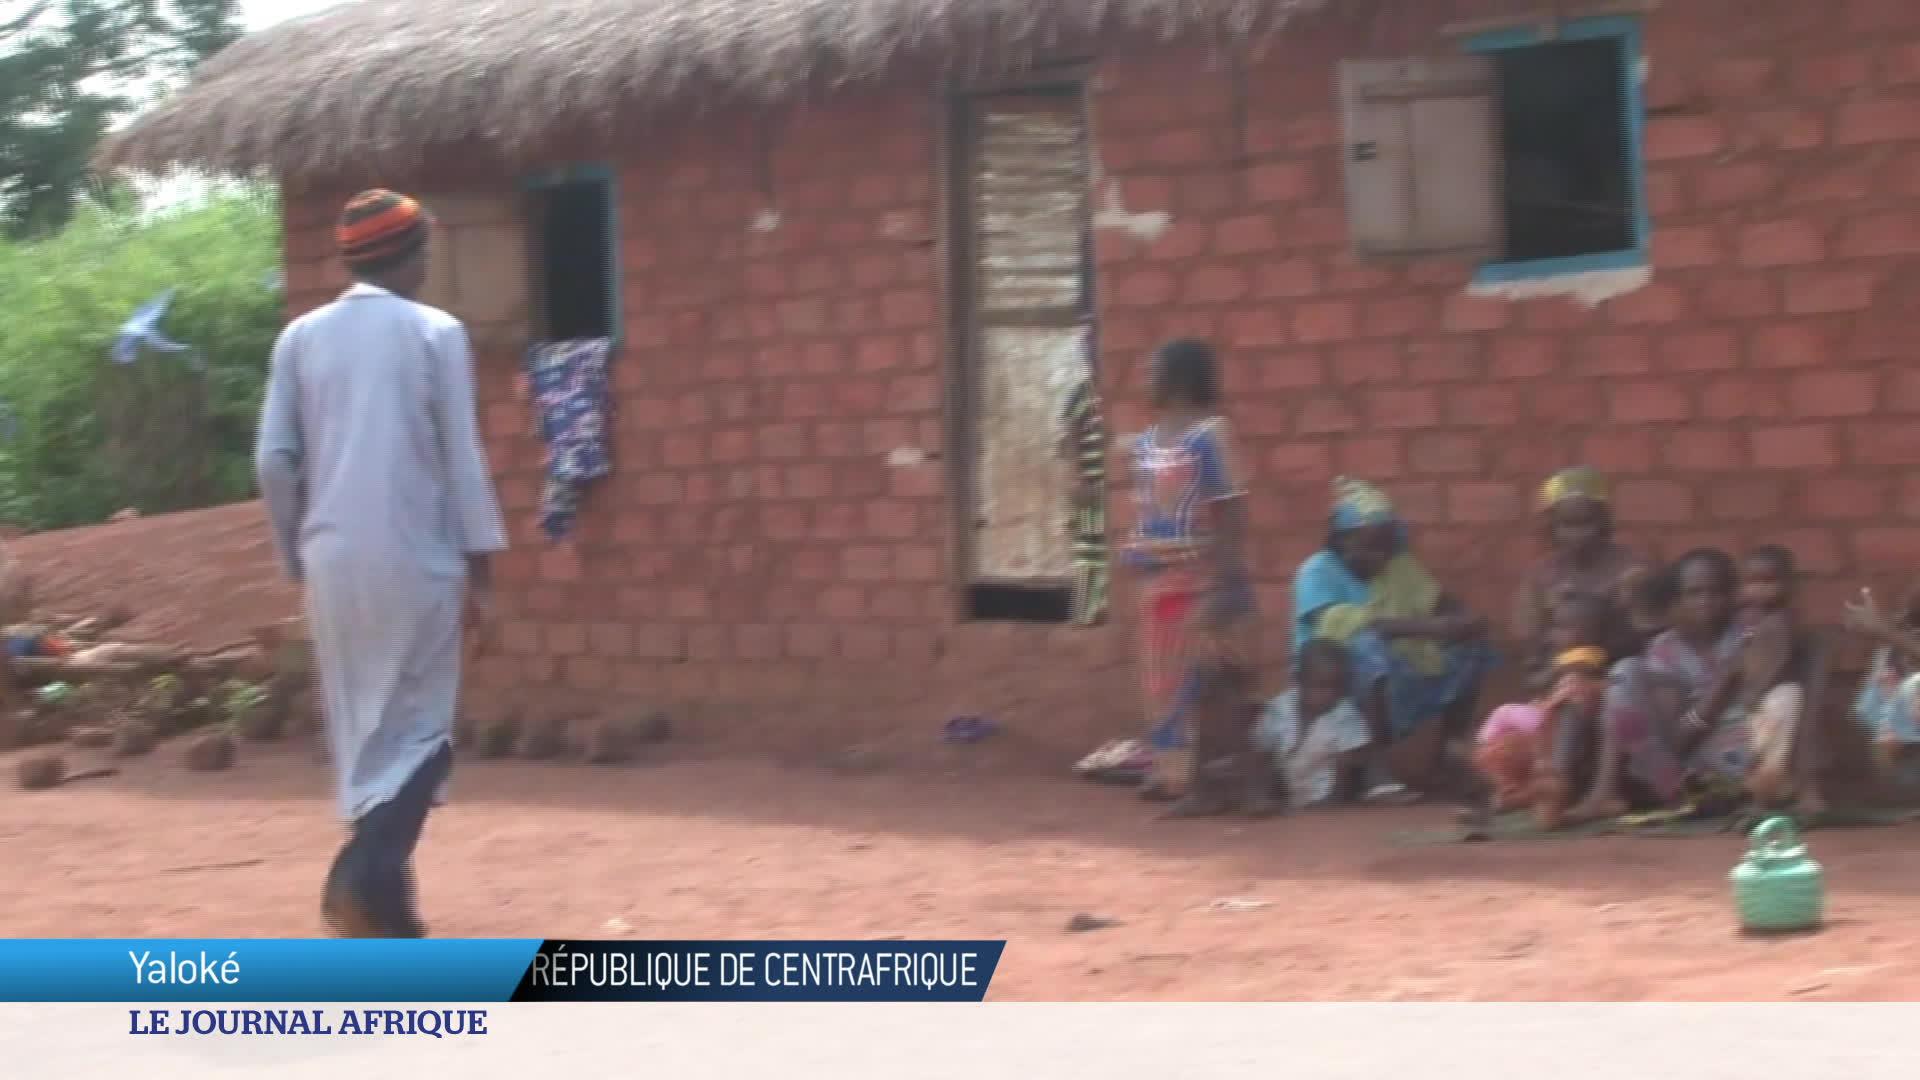 La situation des peulhs en Centrafrique